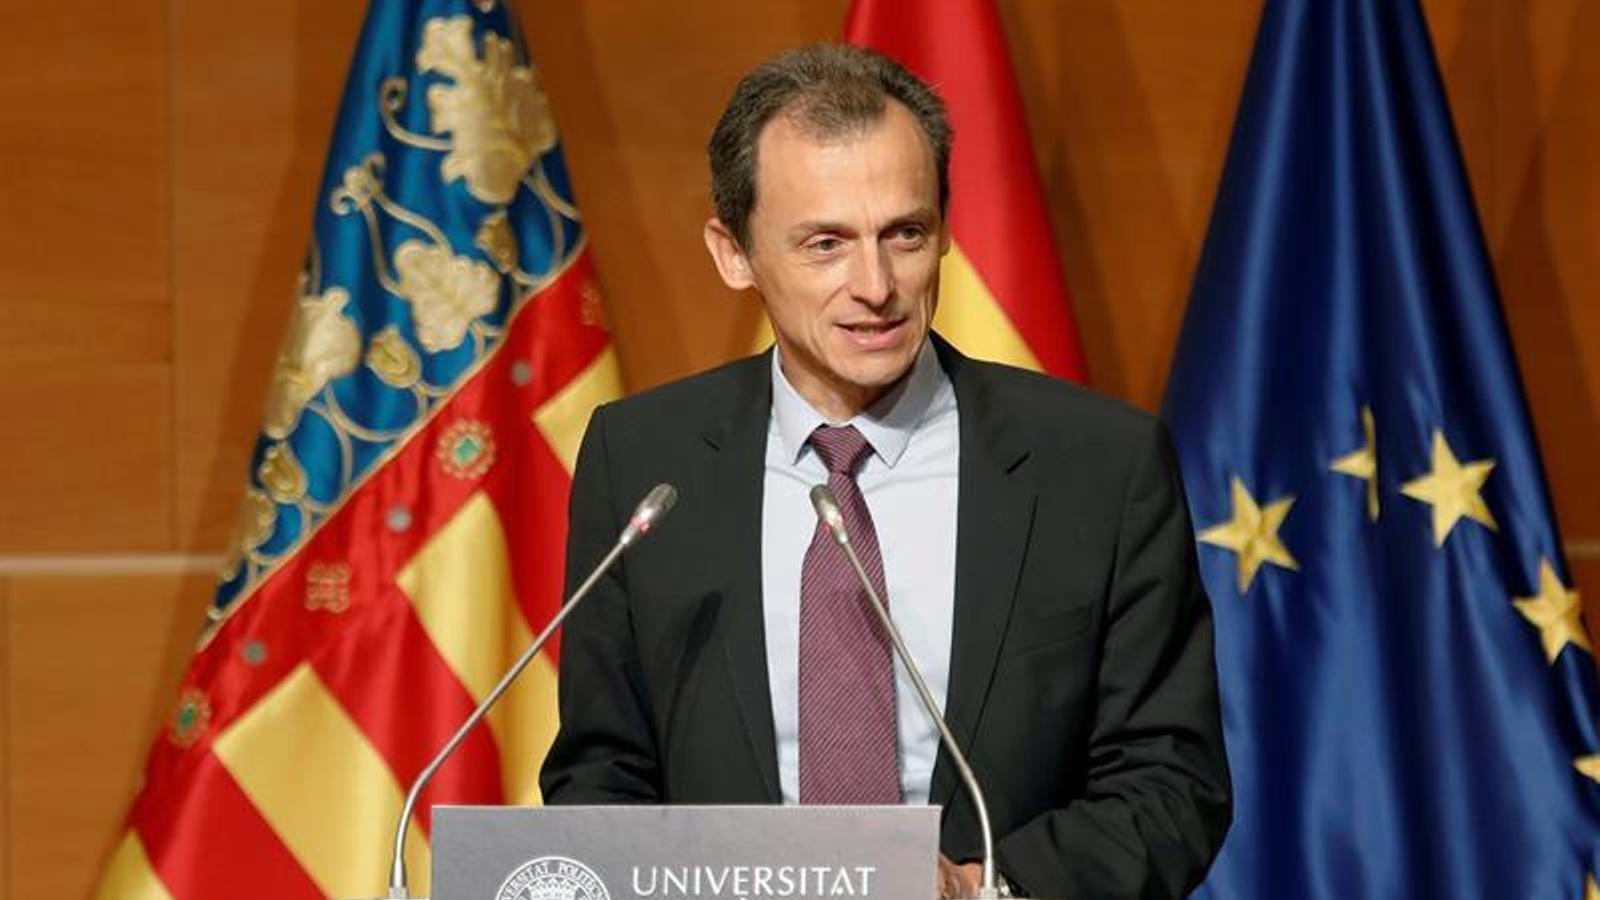 El ministre de Ciència, Innovació i Universitats, Pedro Duque.